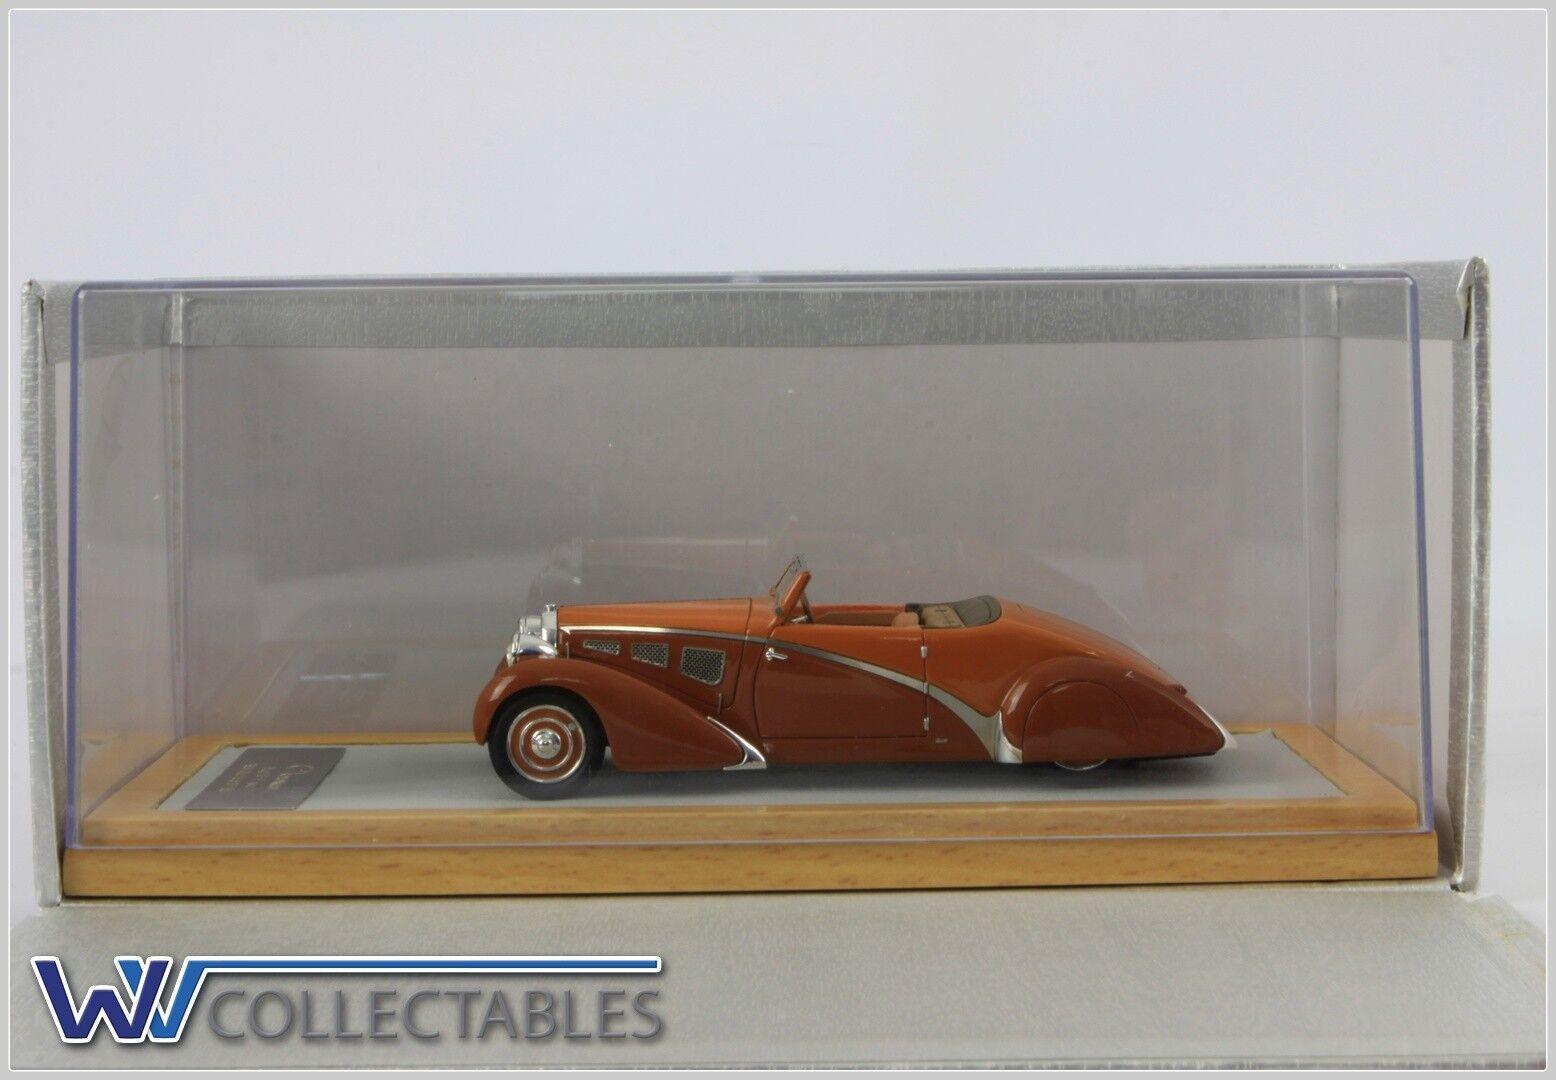 Bugatti t57 P nee 1934 Cabrio 57156 1 180 pieces Ilario Chromes 1 43 CROMATI 050